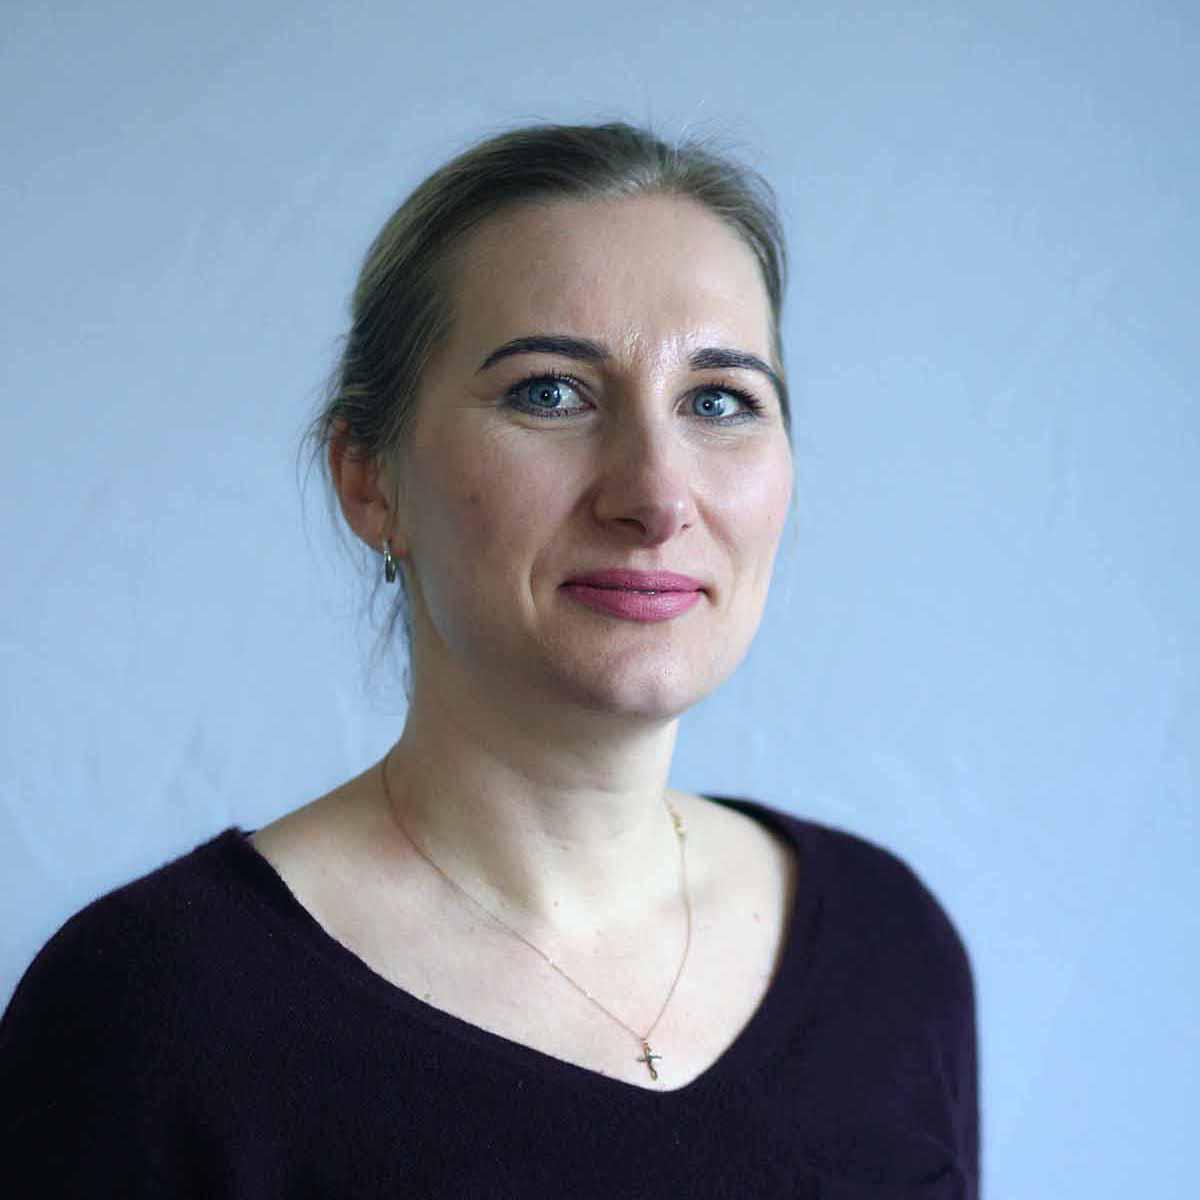 Nataliya Lavitskaya